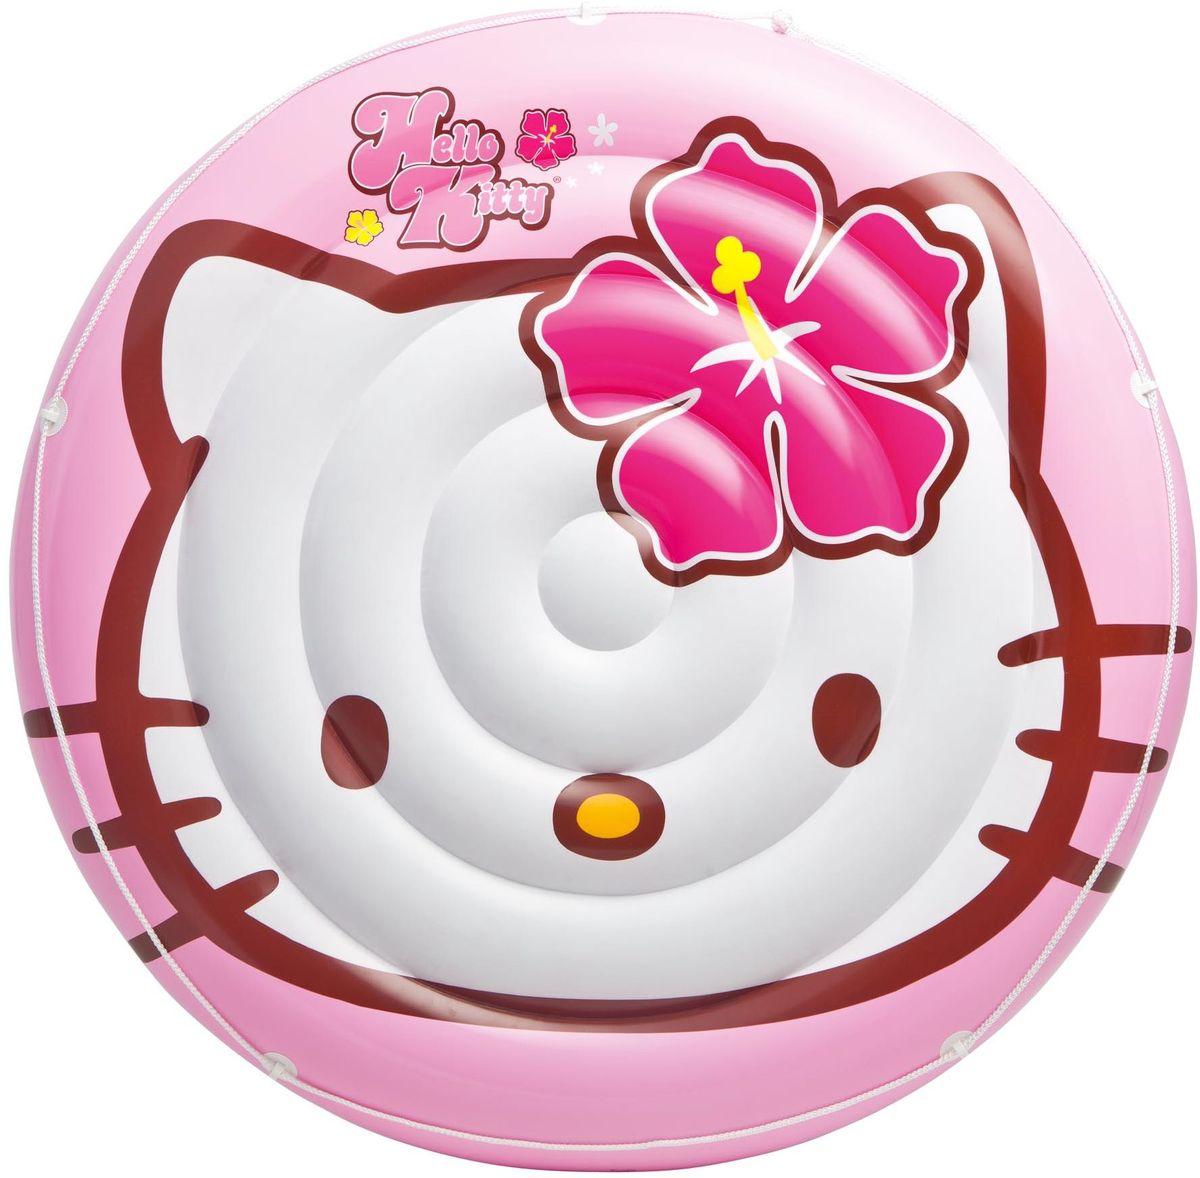 Надувной островок Intex Hello Kitty, 137 см. с13с13Стильный надувной островок Hello Kitty с милым изображением кошечки Китти. Надувной островок позволит детямнасладиться водными процедурами. Островок изготовлен из высококачественного материала, имеет мягкую конструкцию и прочное дно. Такой островок станет незаменимым атрибутом летнего отдыха!Характеристики: • Для детей от 3 лет; • Максимальная нагрузка: 40 кг; • Веревка по кругу; • Размер: 137 см; • Ремонтный комплект.